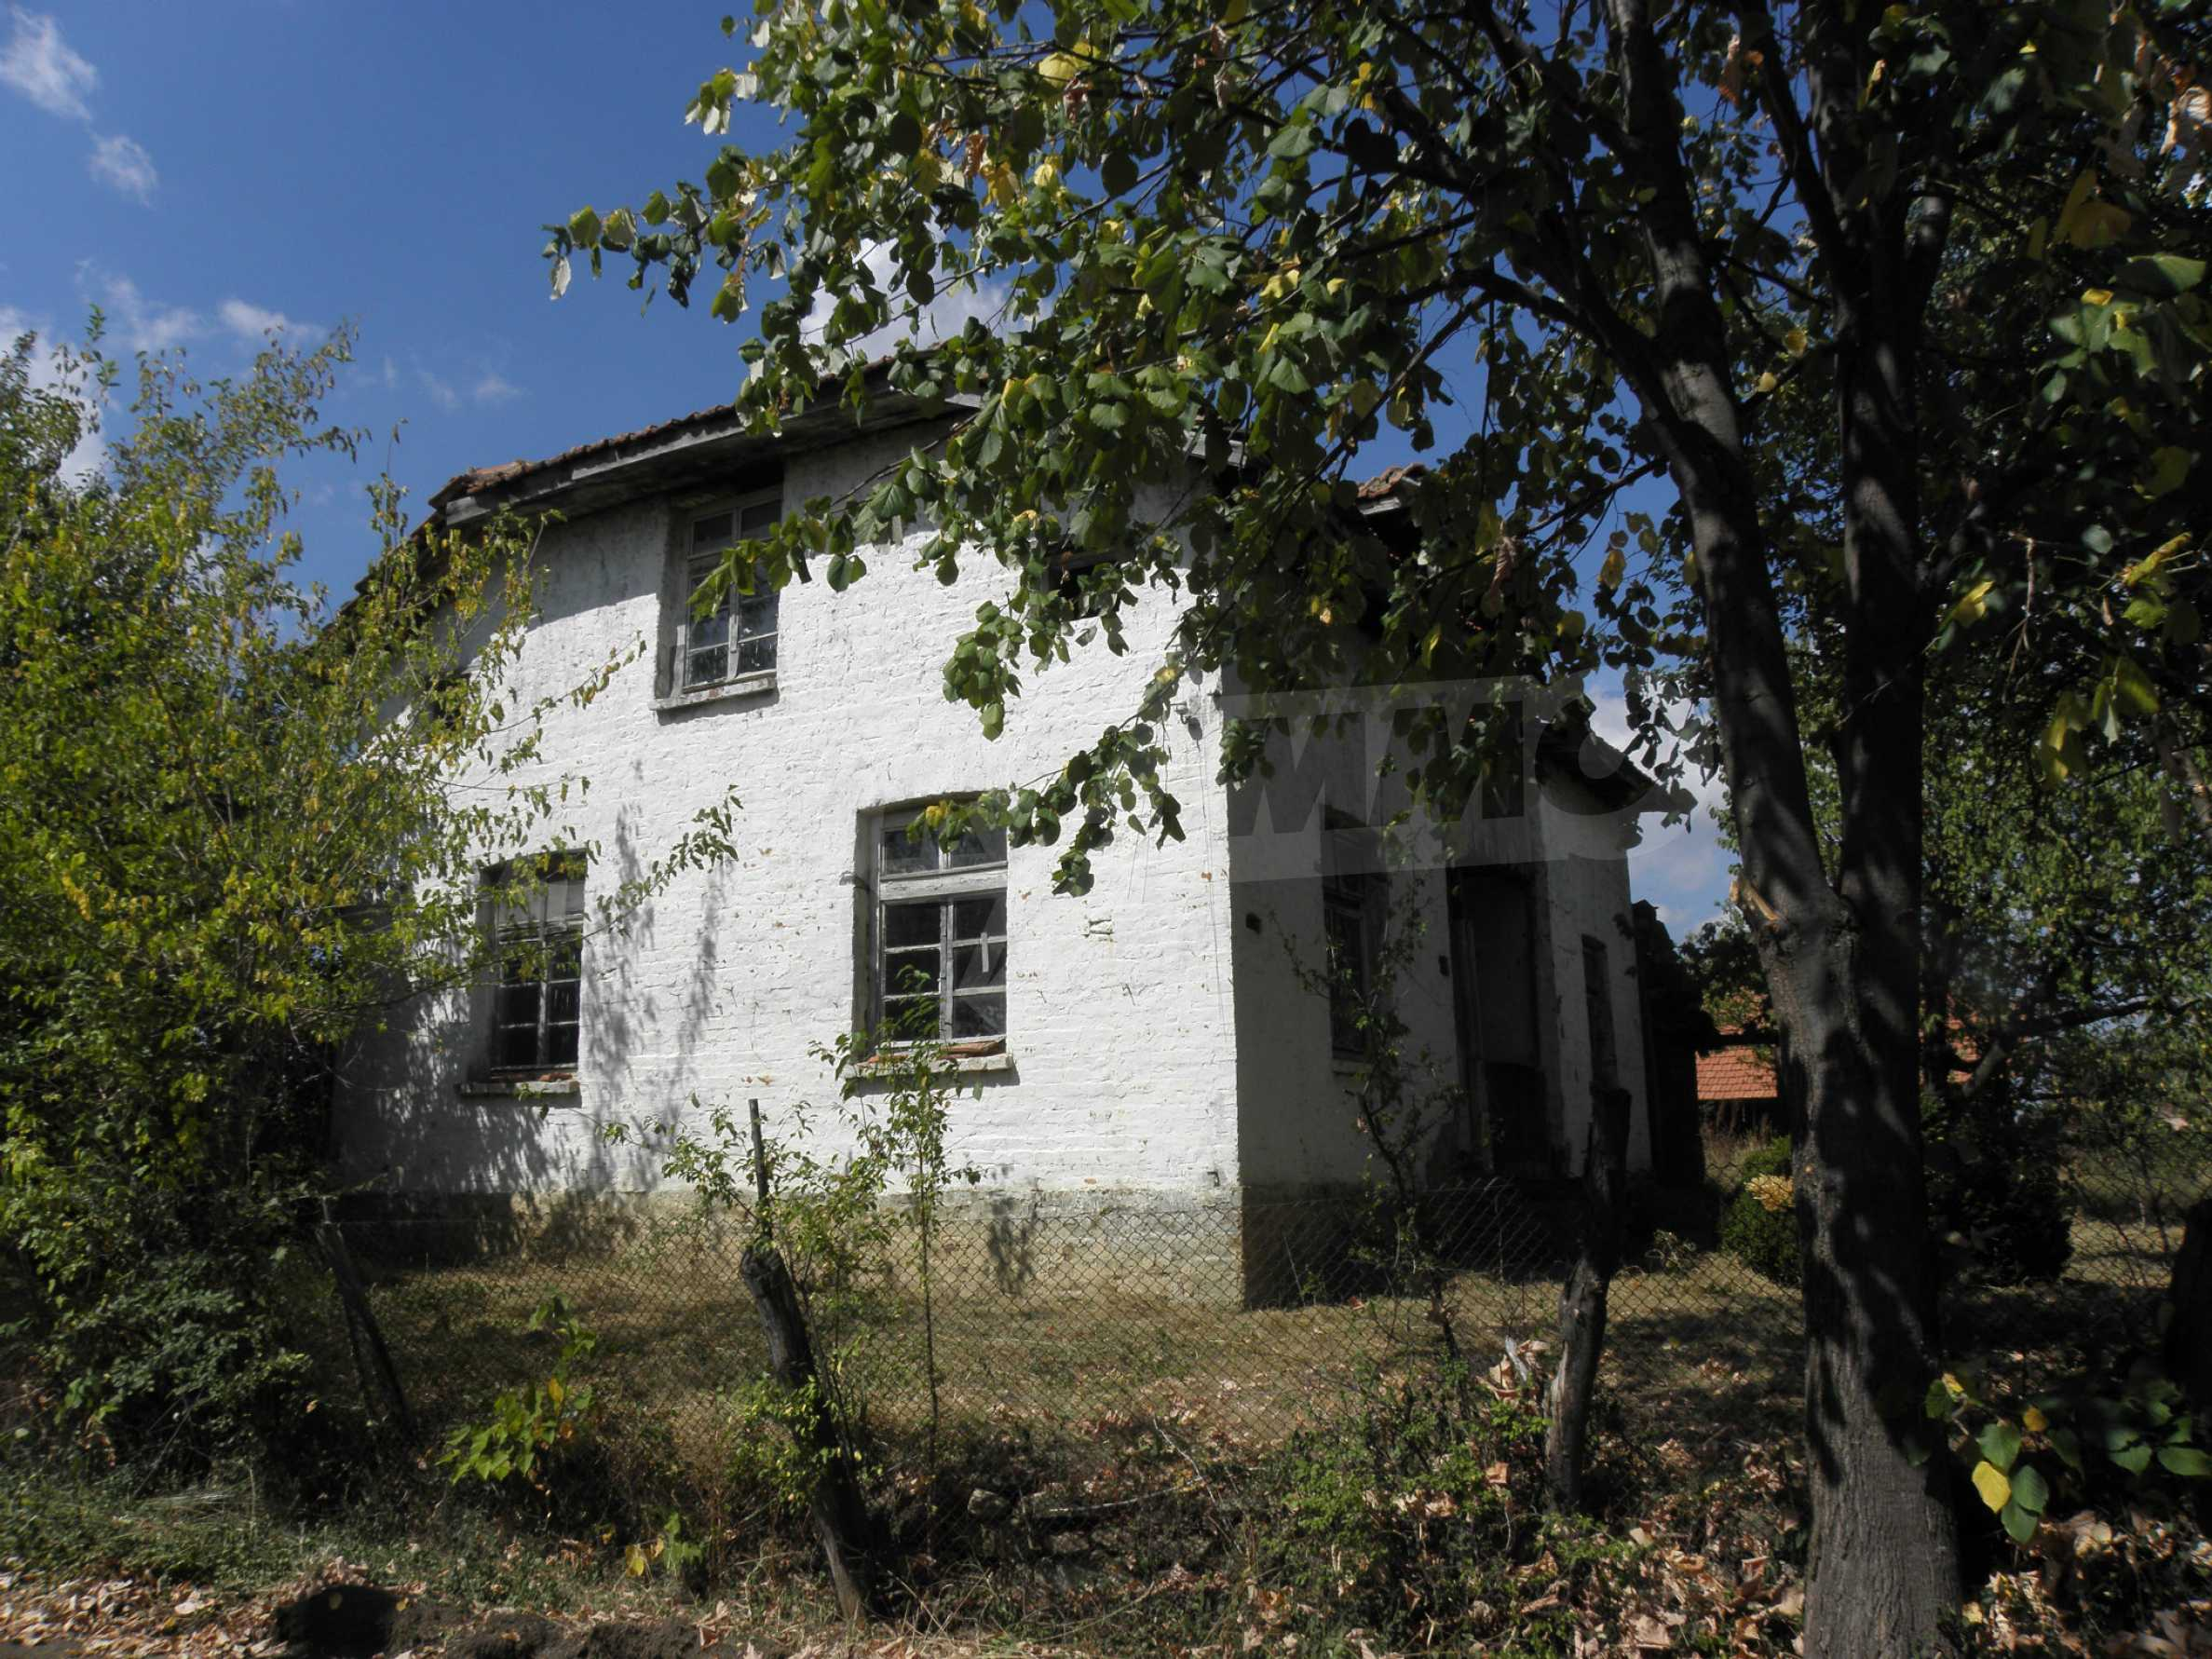 Altes Haus in einem Bergdorf, 20 km von der Stadt Sevlievo entfernt 2